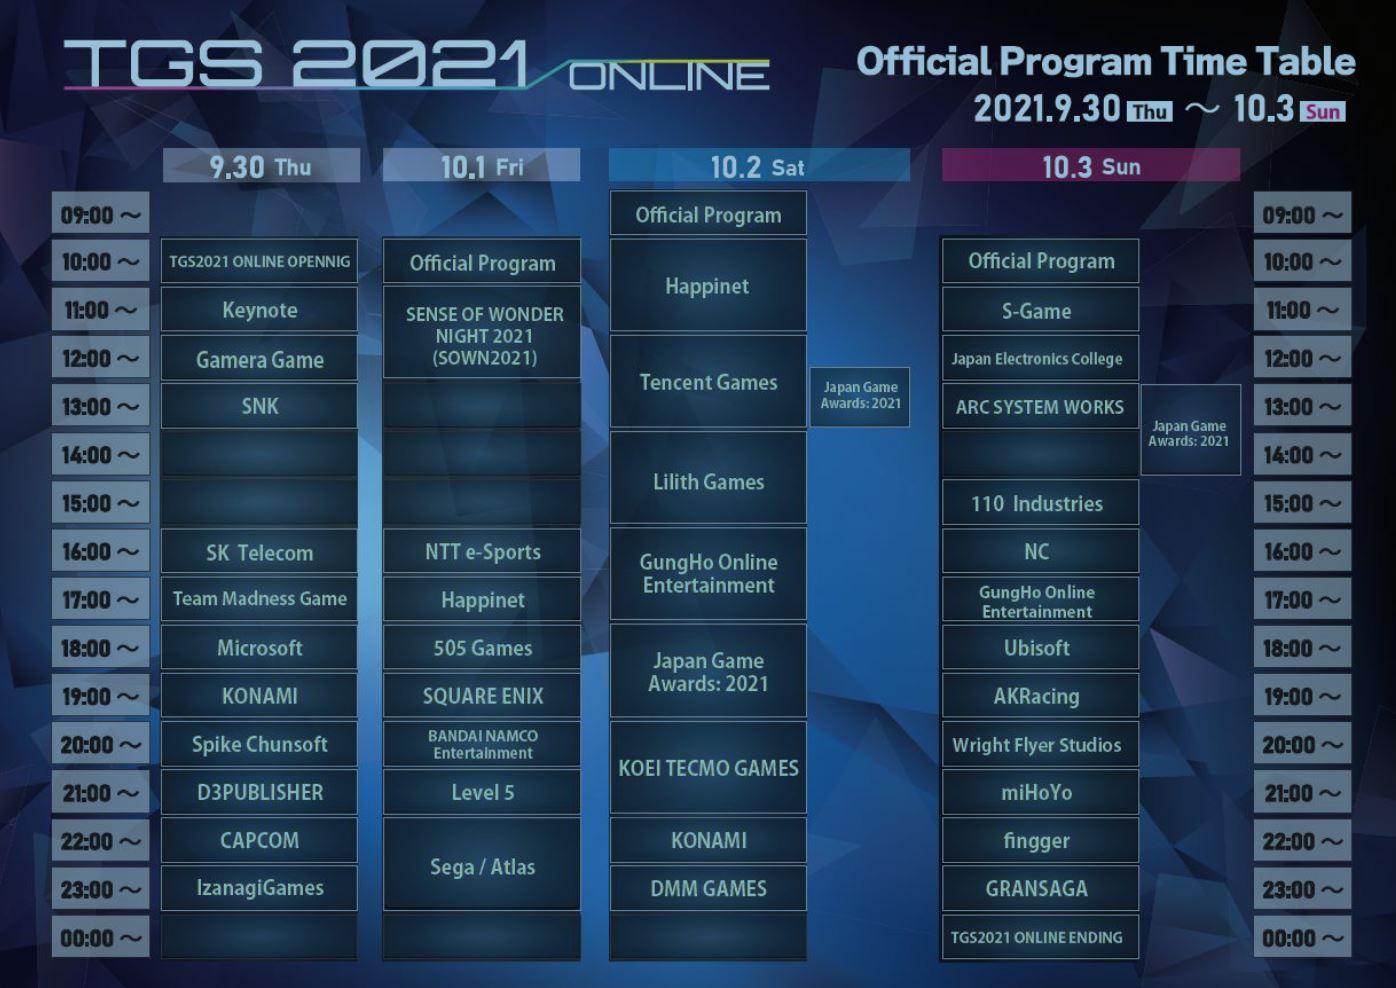 tokyo game show schedule 2021